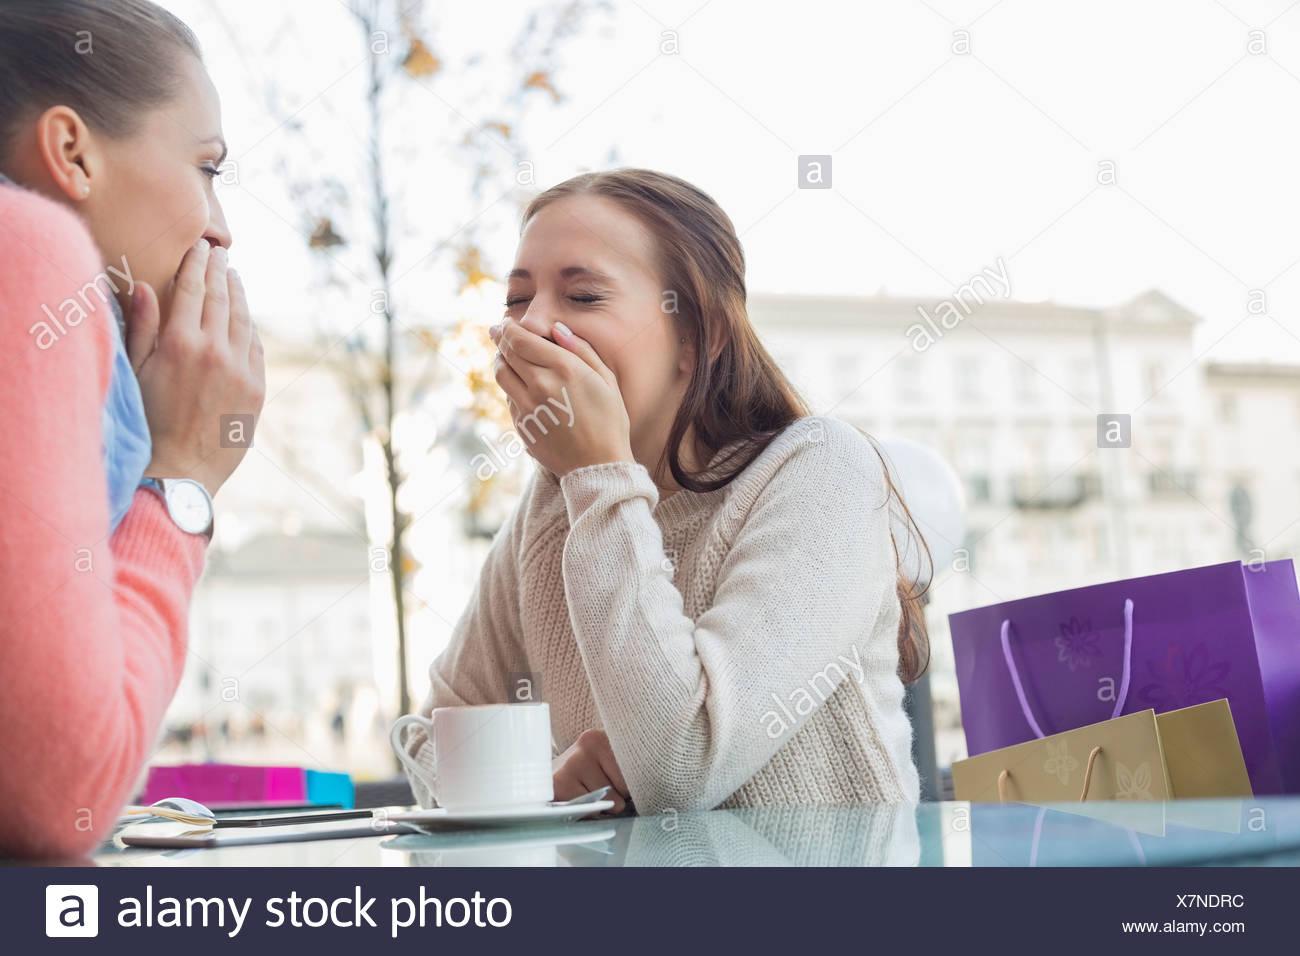 Felici donne che condividono i segreti a outdoor cafe Immagini Stock